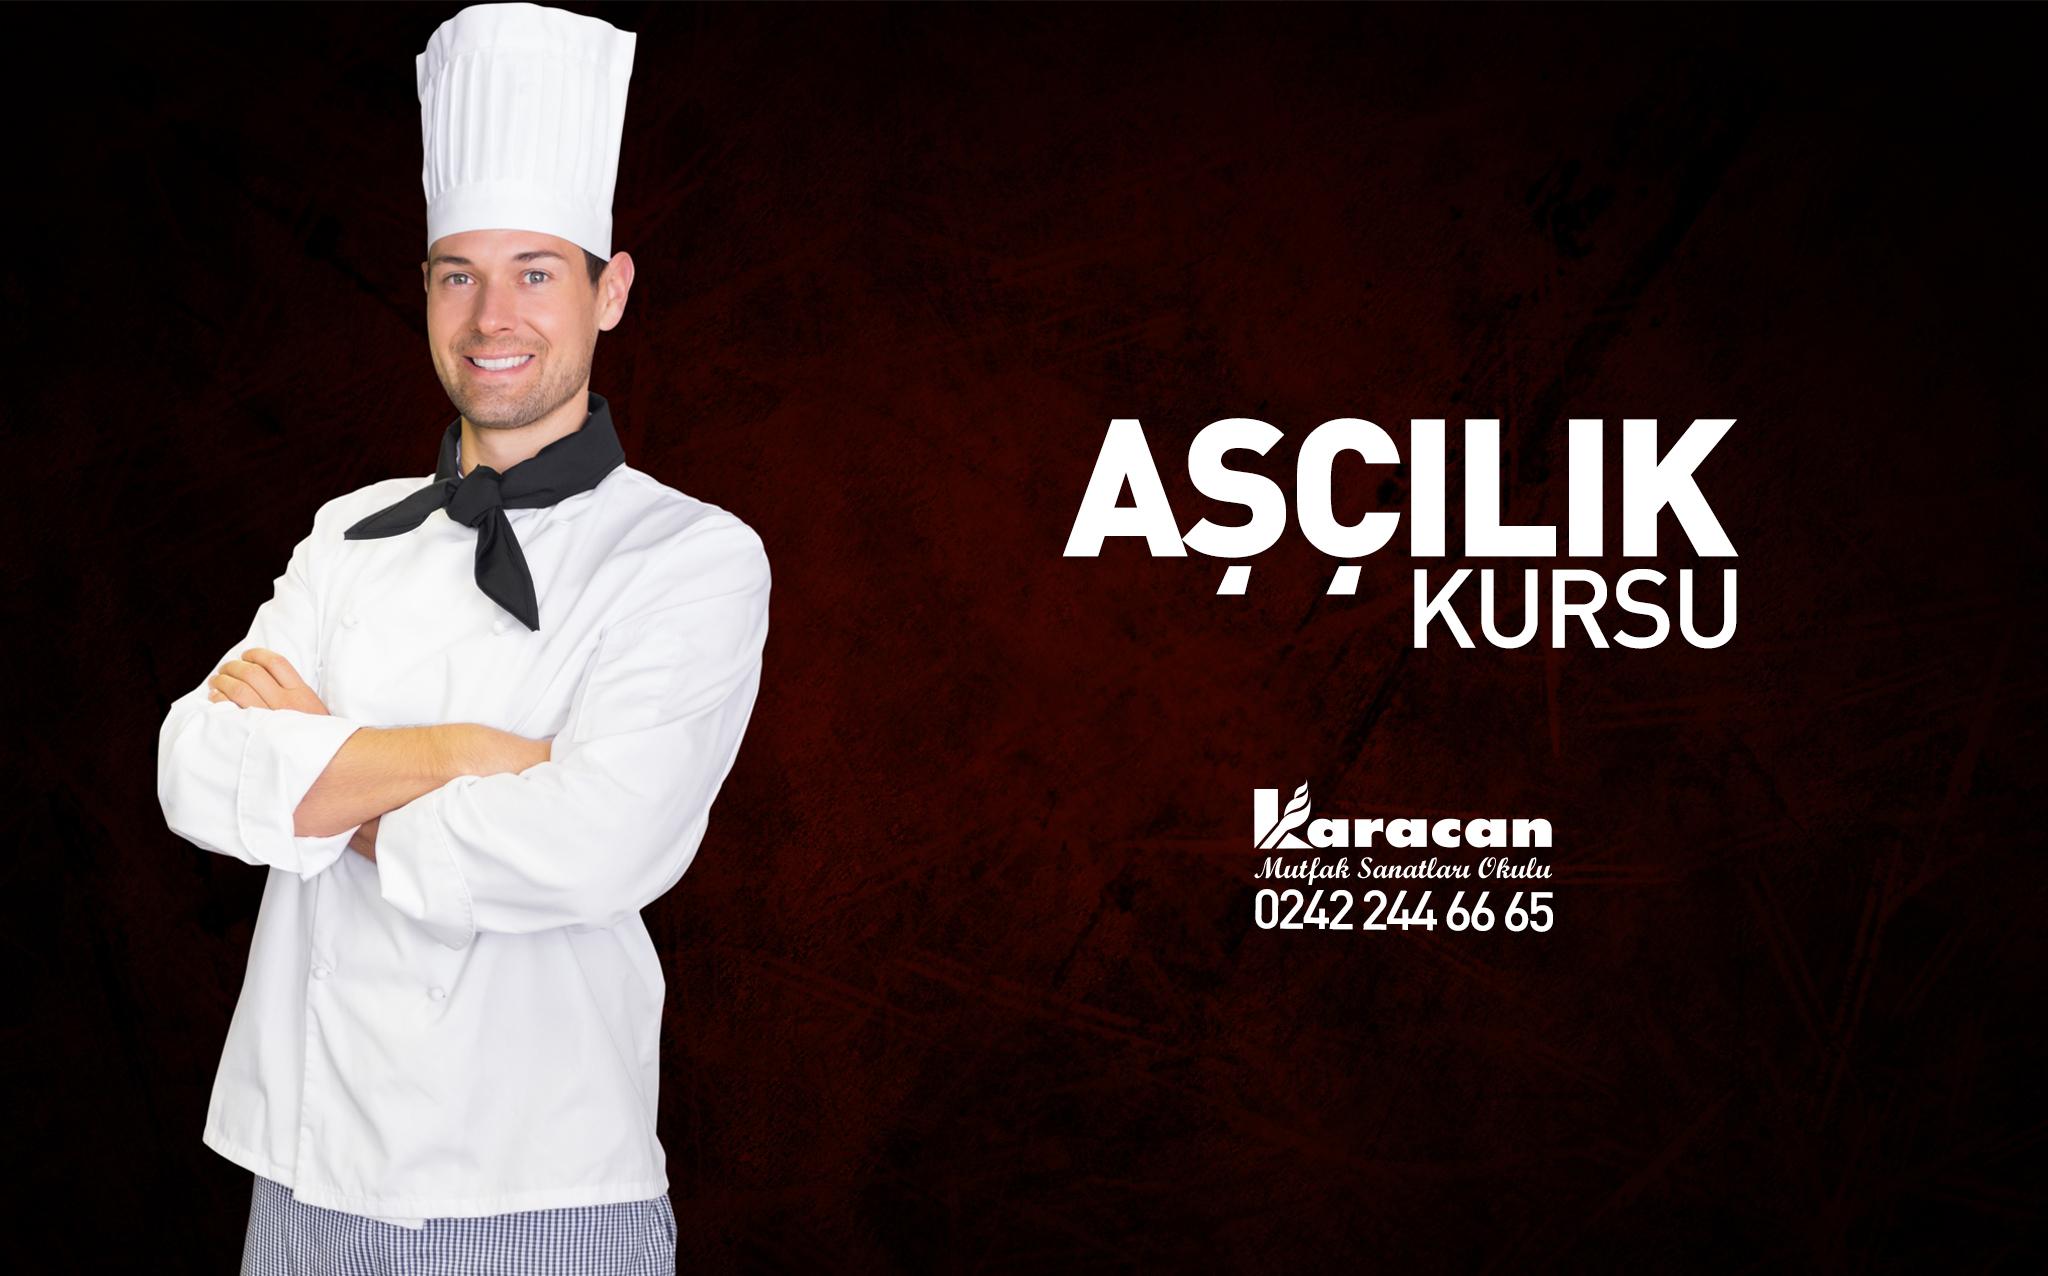 Diyarbakır Aşçılık Pastacılık Kursu - 0 242 244 66 65